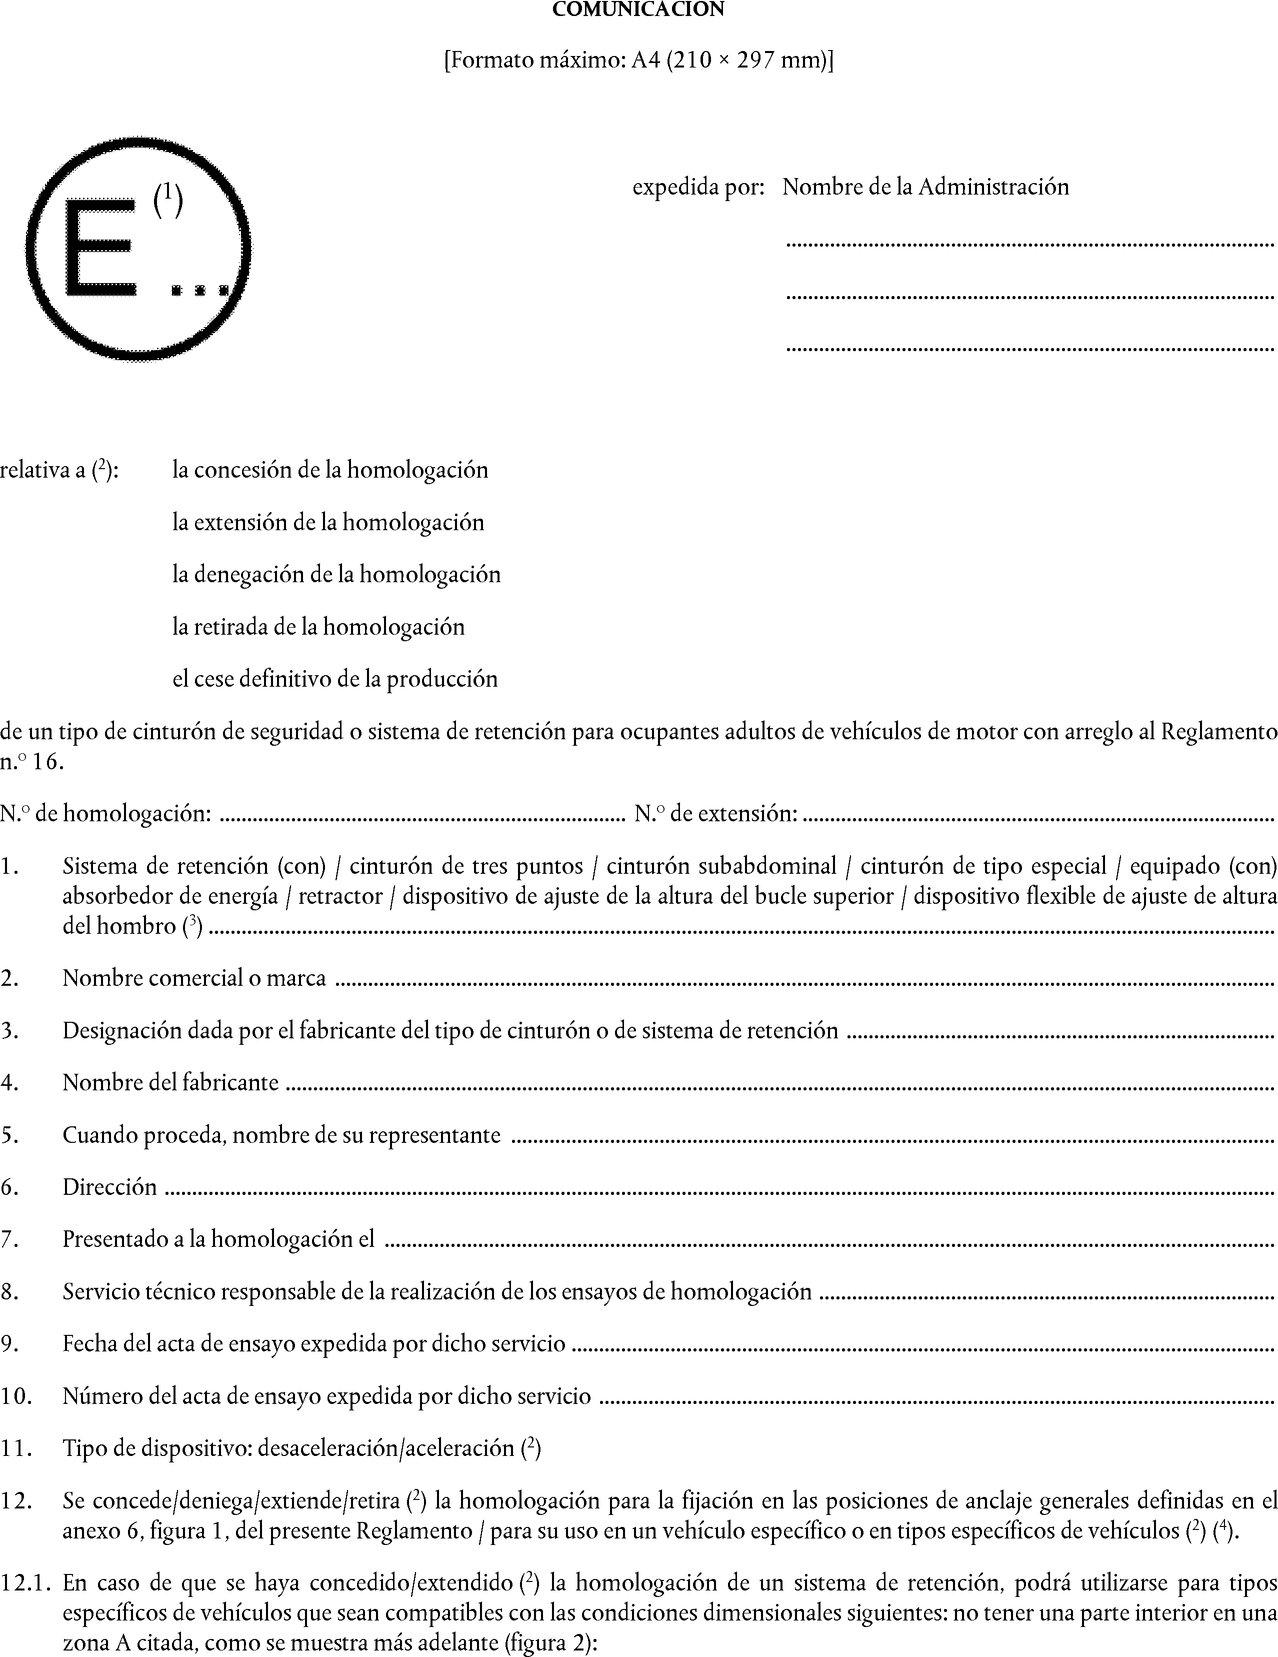 Excelente Formato Para Reanudar La Muestra Inspiración - Ejemplo De ...